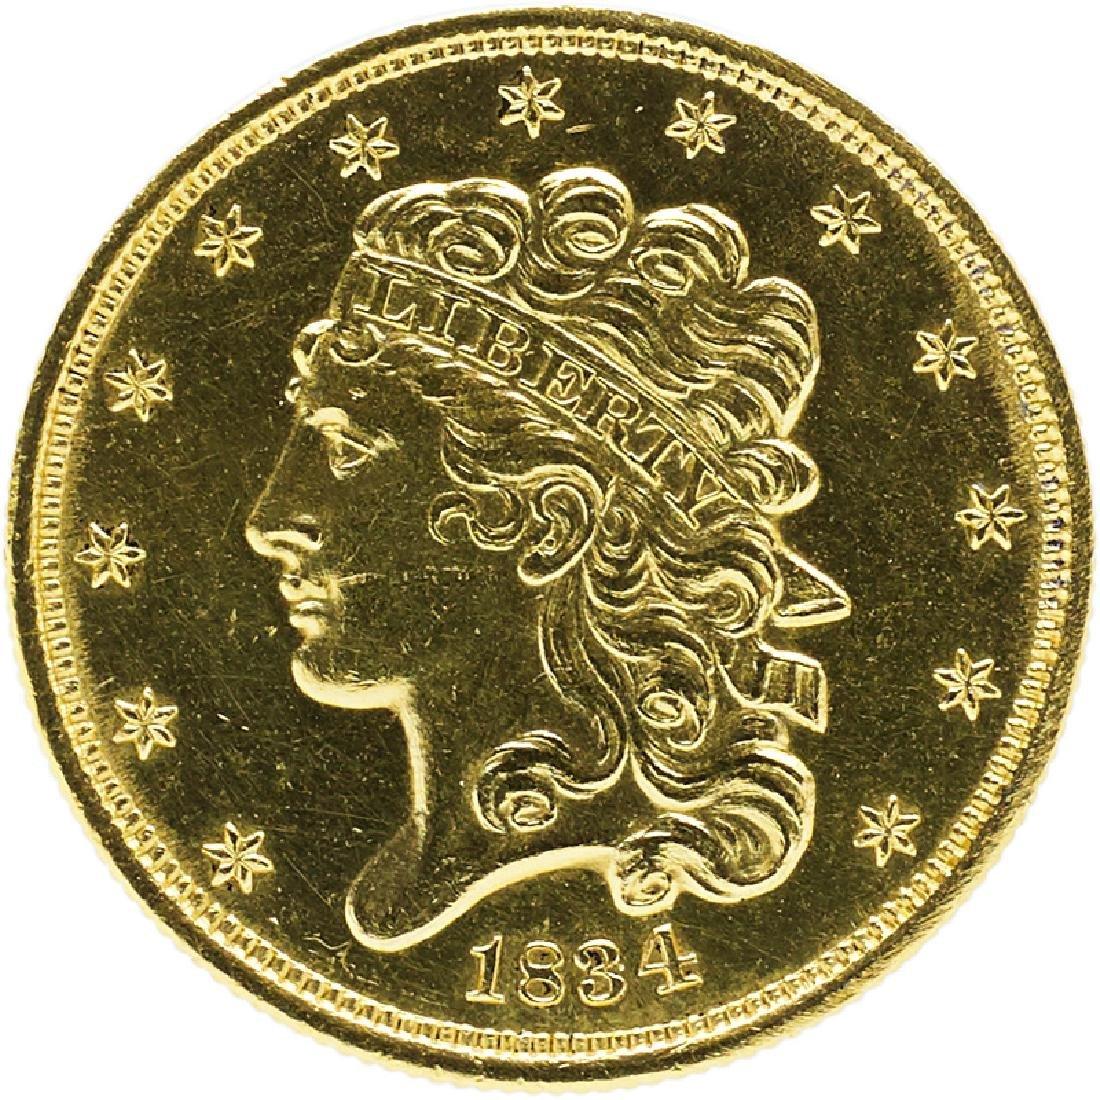 U.S. 1834 CLASSIC HEAD $5 GOLD COIN